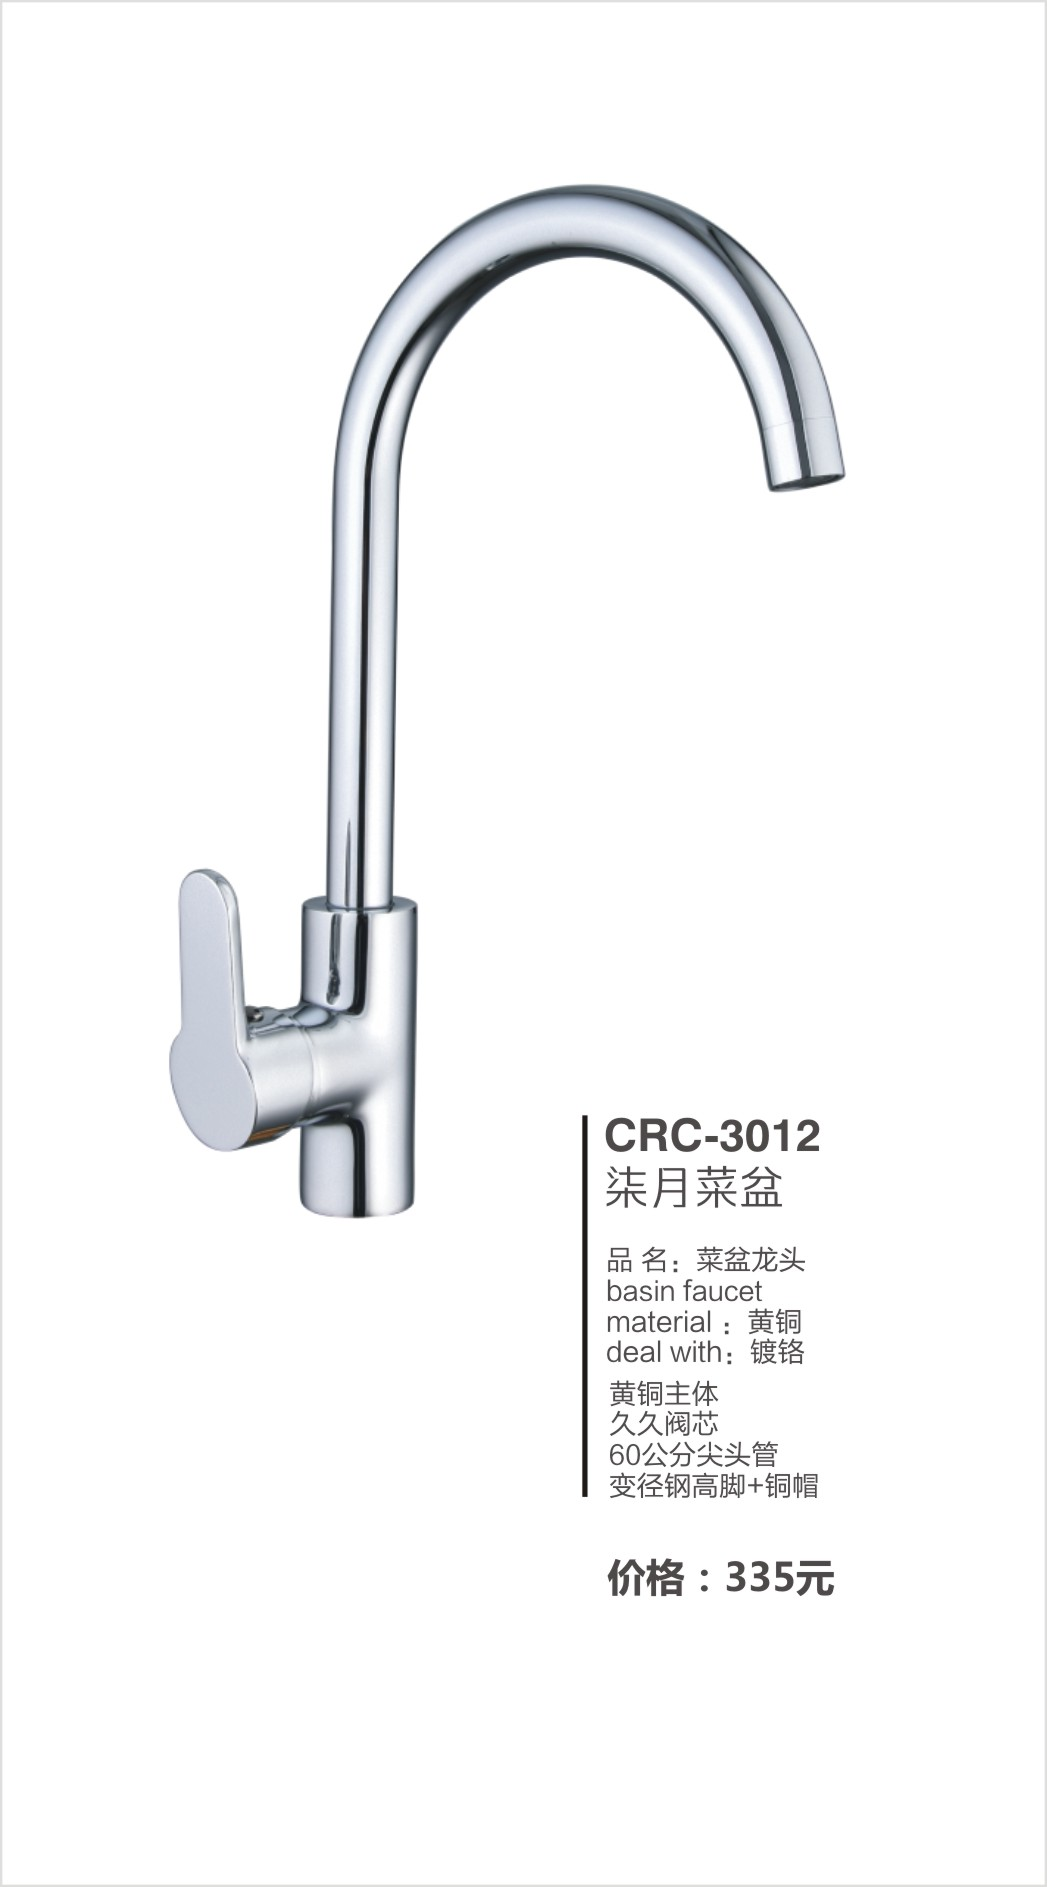 超人(chaoren)卫浴系列水龙头CRC-3012